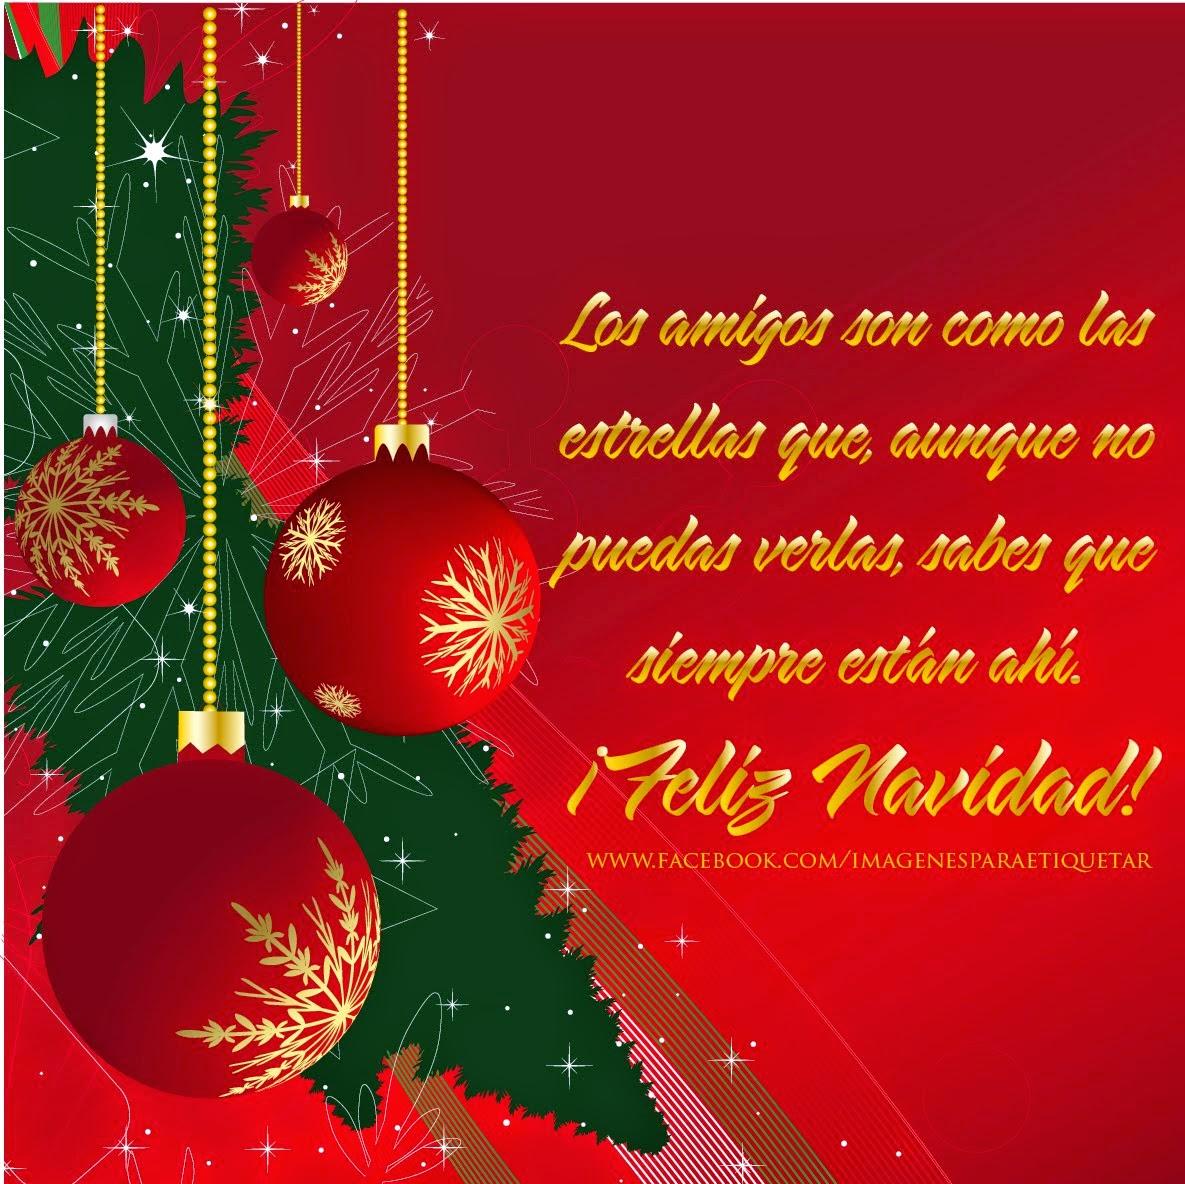 Mensajes de navidad para amigos tarjetas de navidad - Frases para felicitar navidad empresas ...